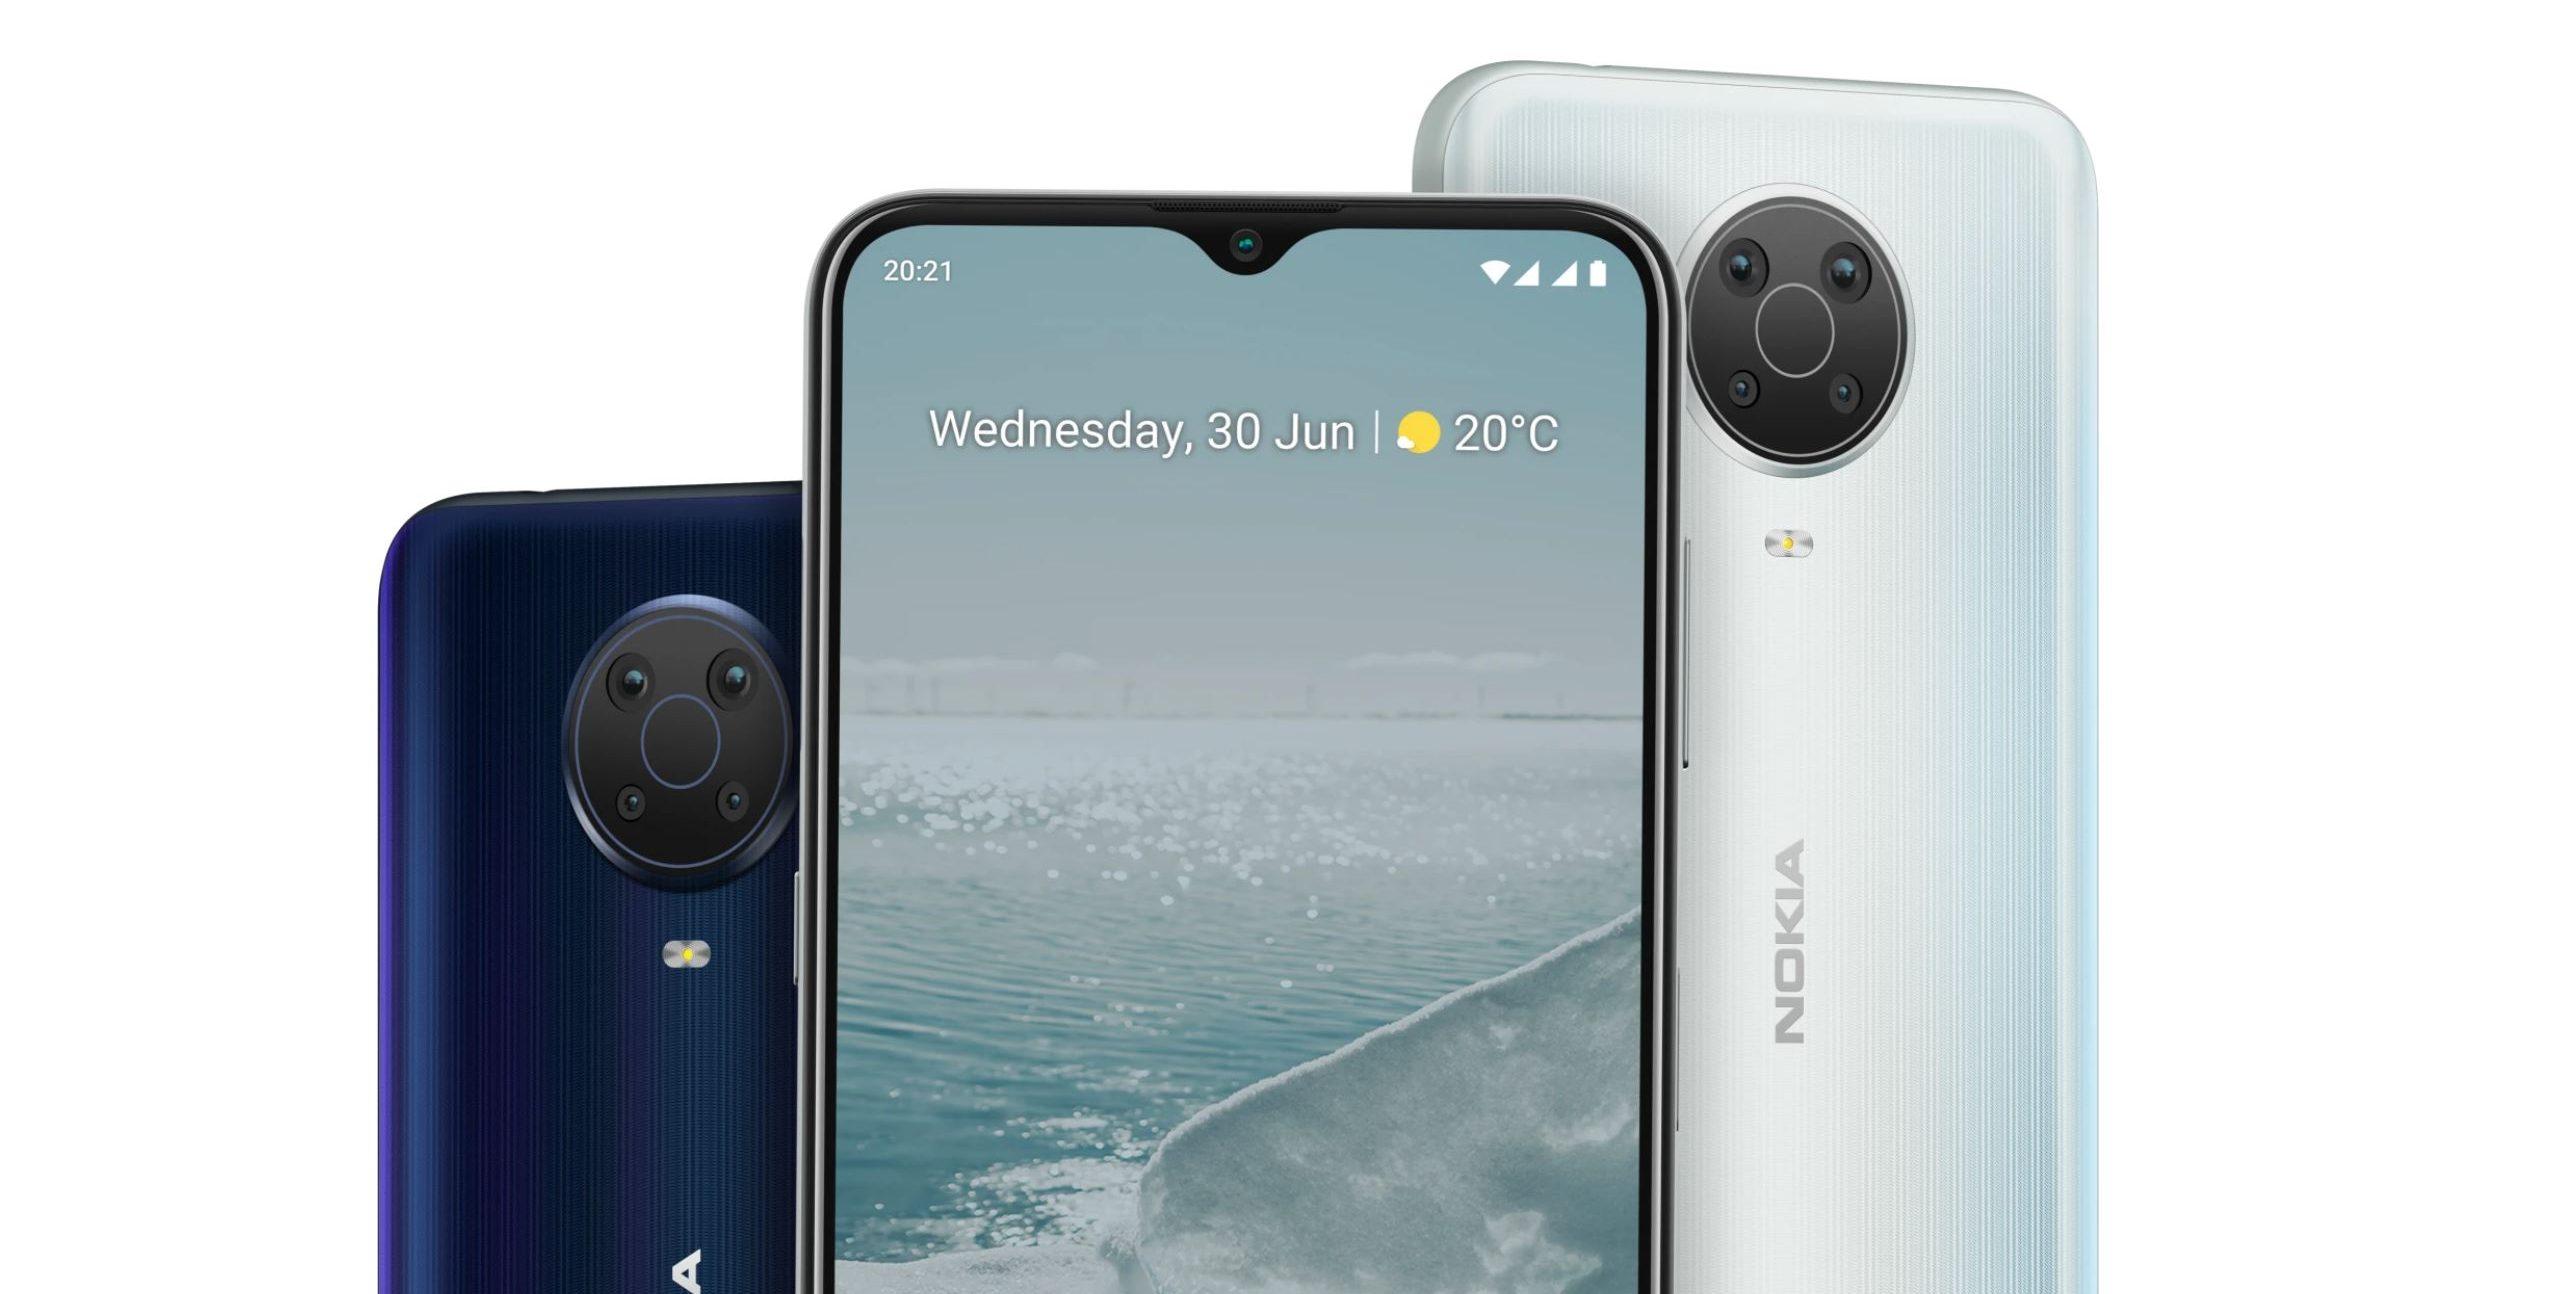 Bemutatták Nokia G10 és G20, valamint a Nokia C10 és C20 telefonokat